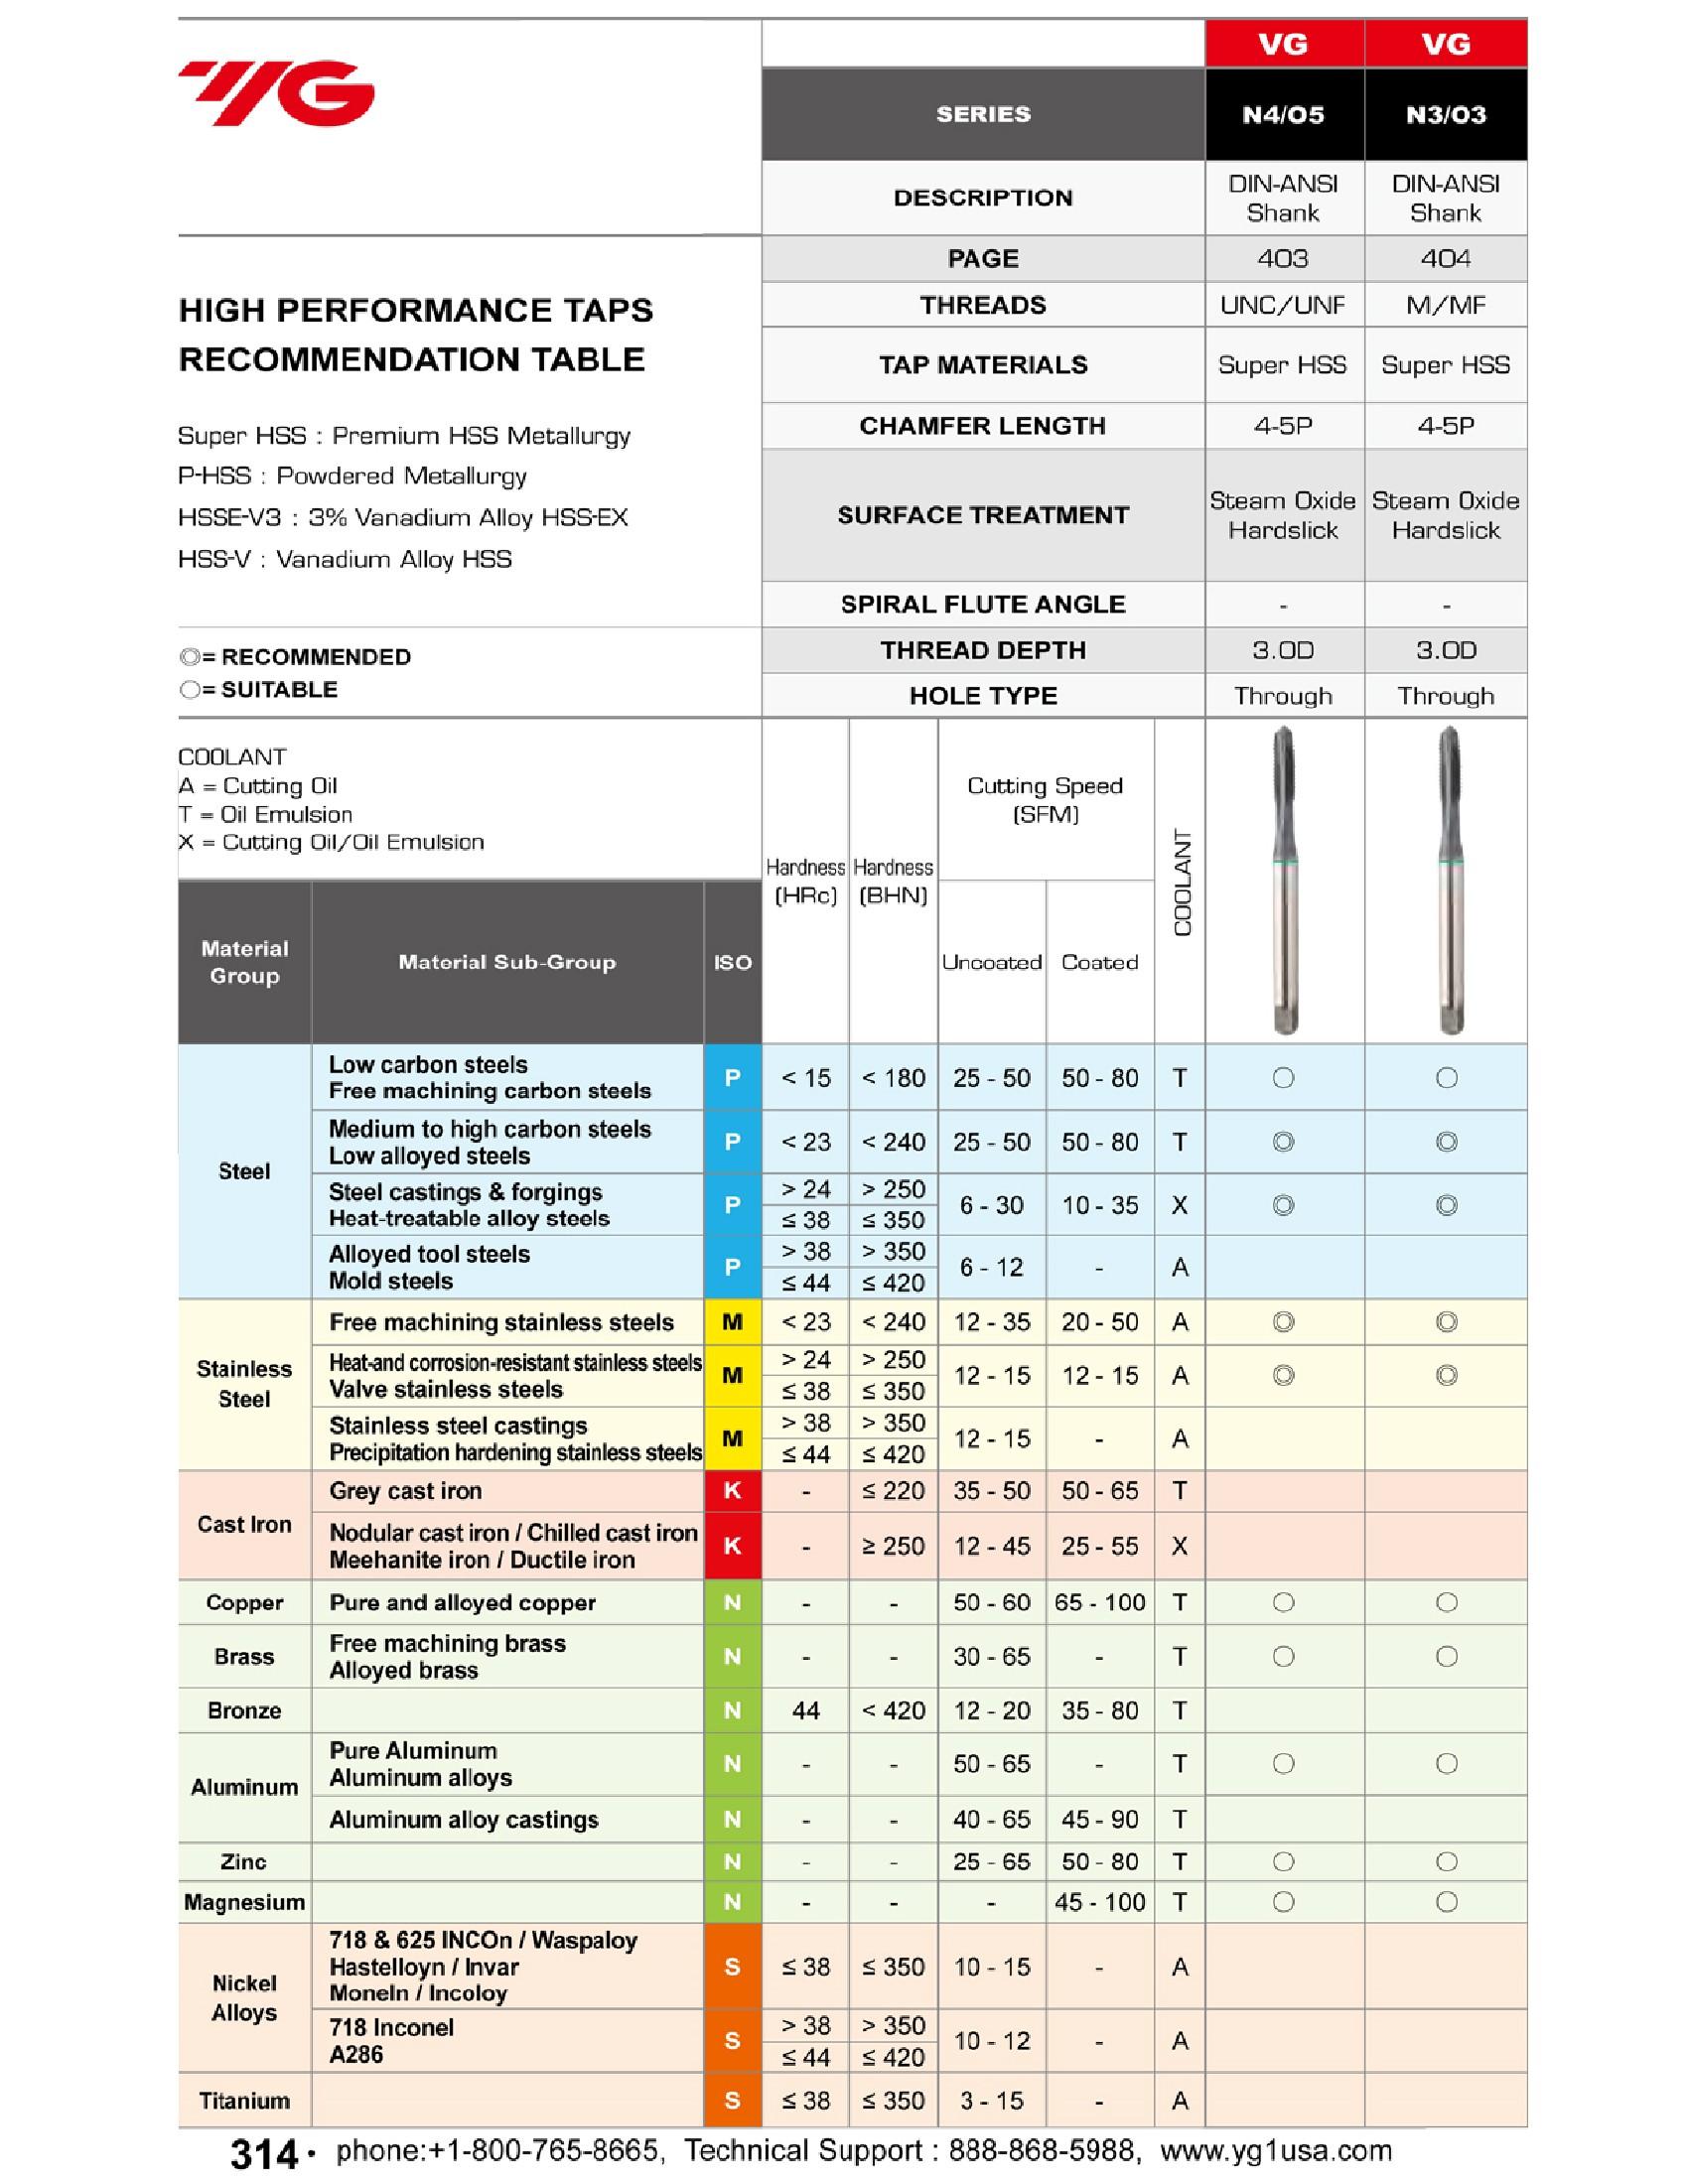 1//4-20 GH3 3FL Spiral Point Plug Blue Ring DIN Length Tap w//Hardslick YG-1 O5403